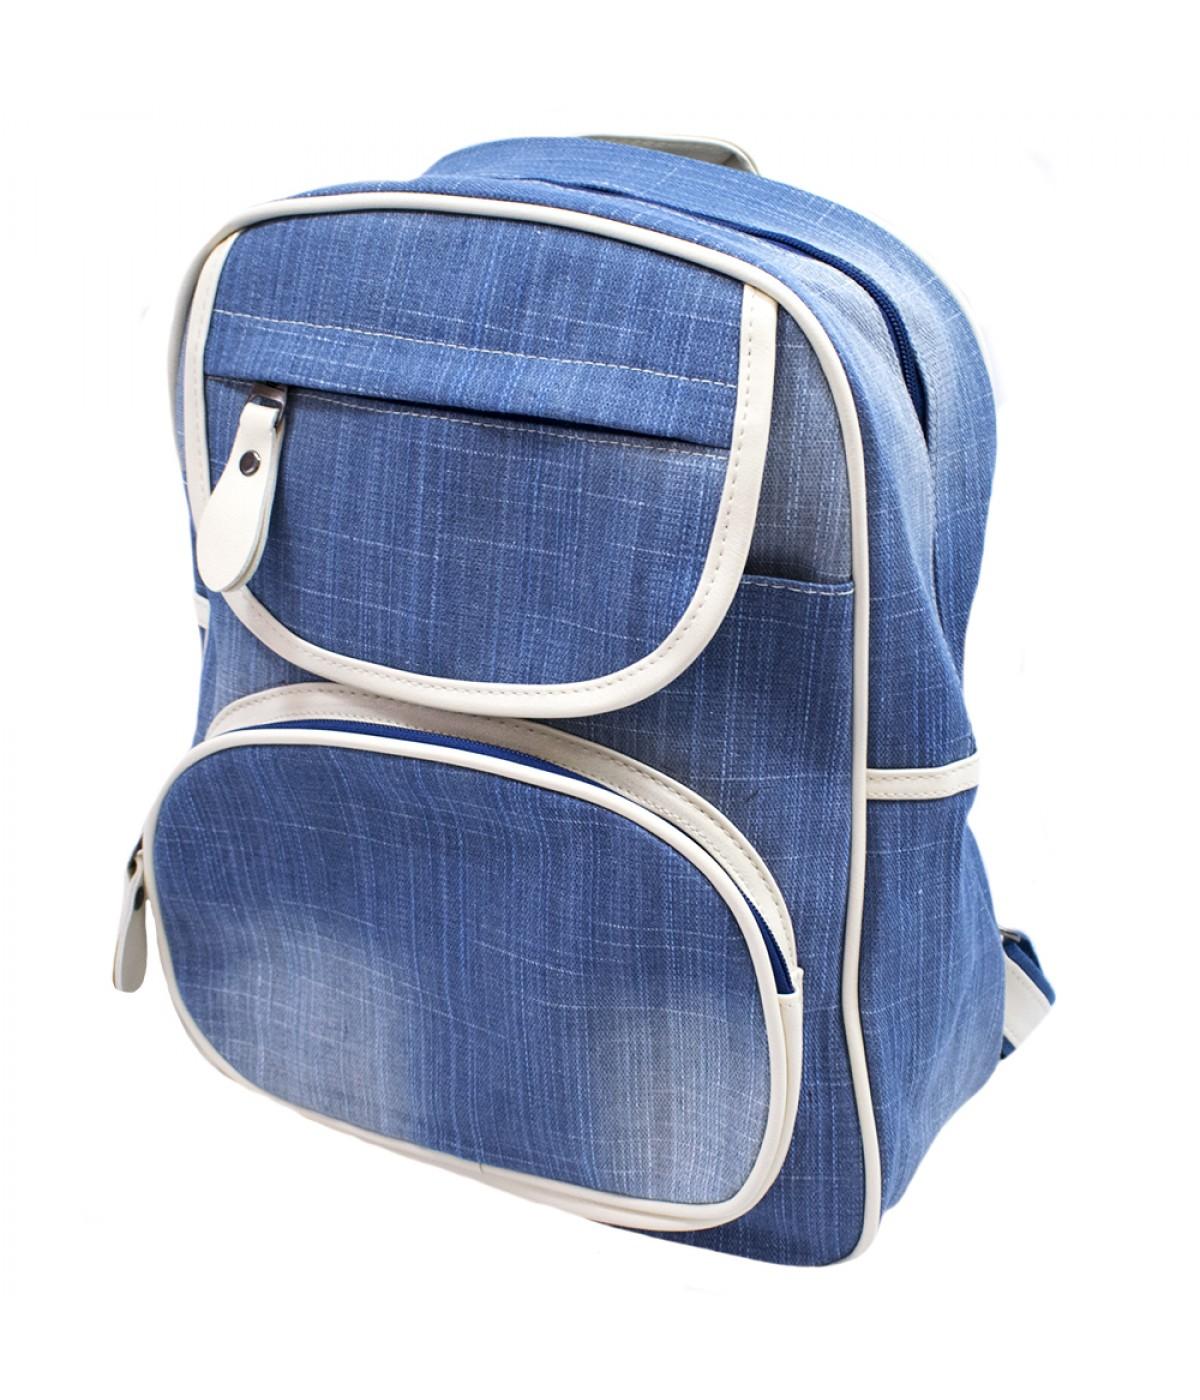 Mochila azul claro 39x13x35cm